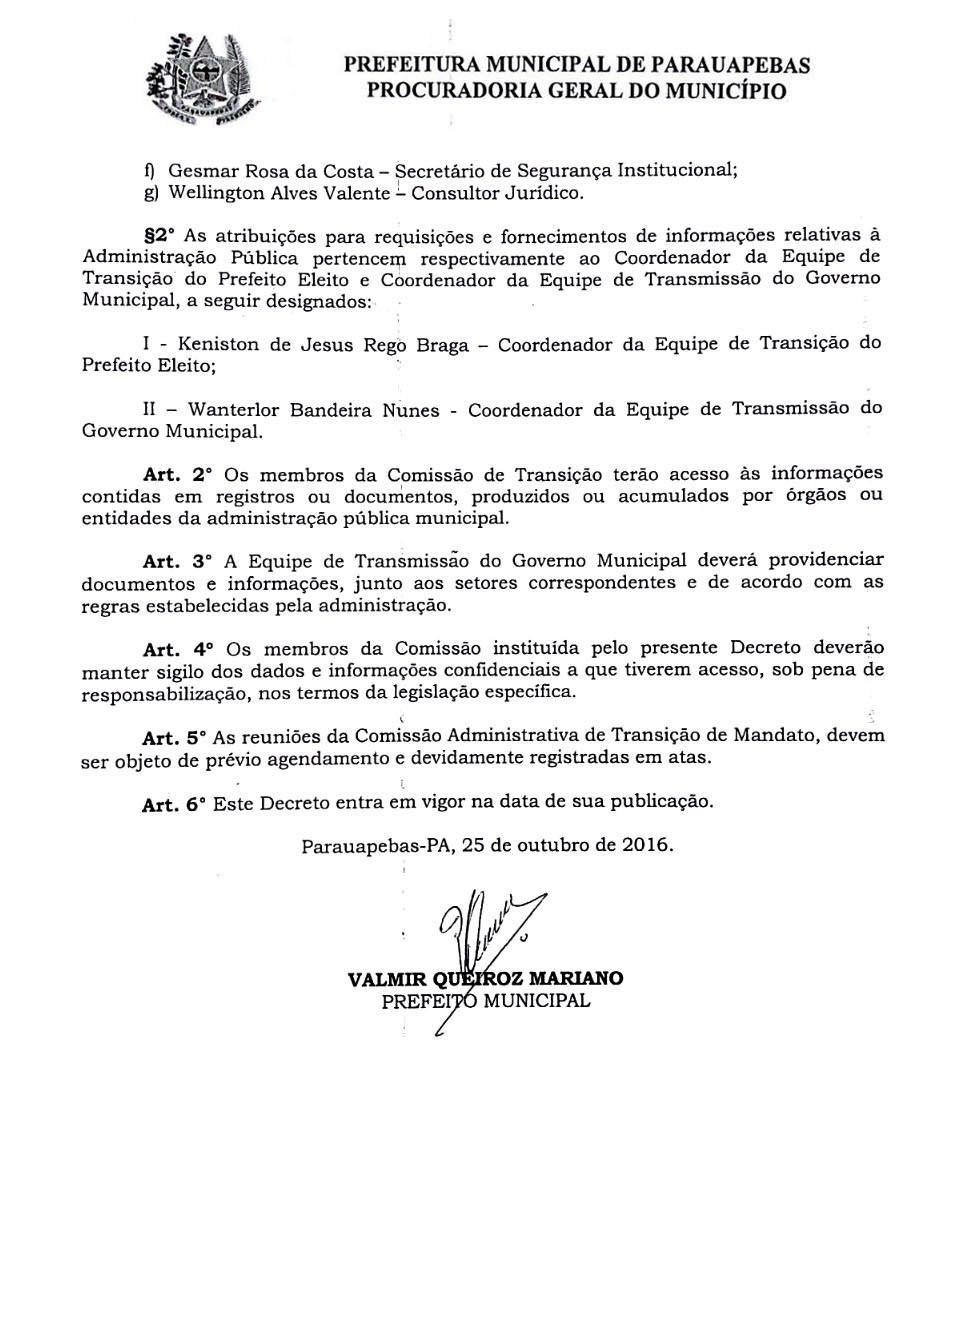 decreto-1169-pag-2